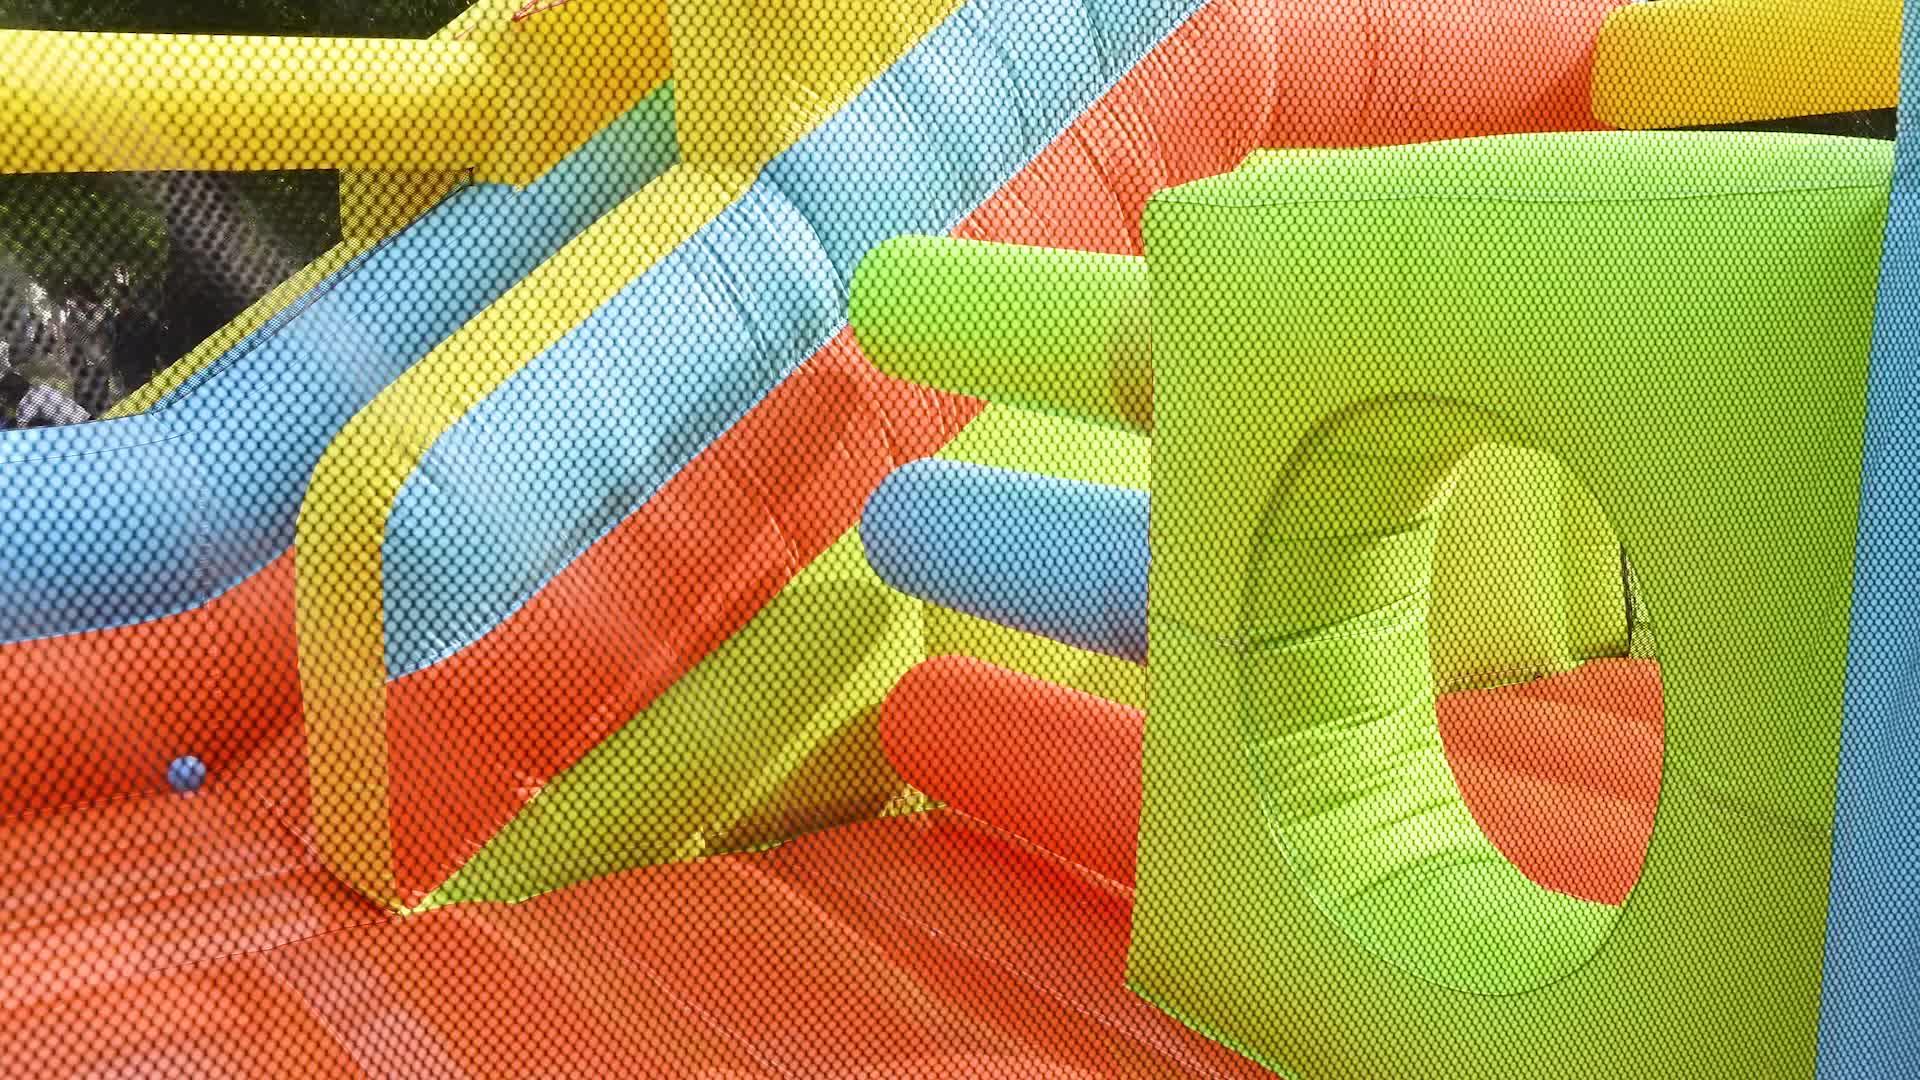 Hot Selling Opblaasbare Jumper Grote Opblaasbare Glijbaan Opblaasbaar Zwembad Glijbaan Voor Ingegraven Zwembad